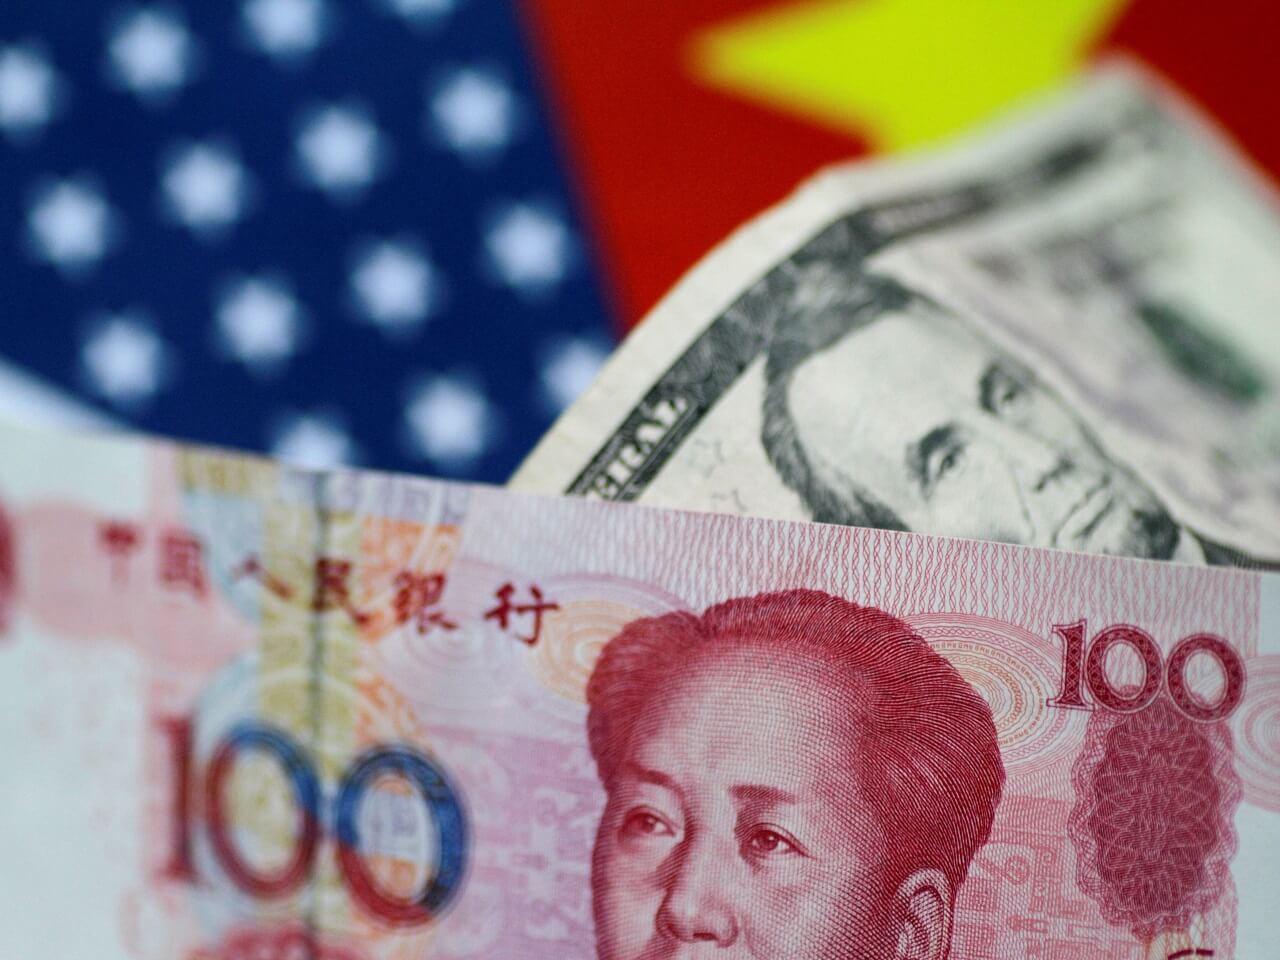 Çin-ABD Ticaret Anlaşması Olasılığı Küresel Piyasalarda Olumlu Karşılandı